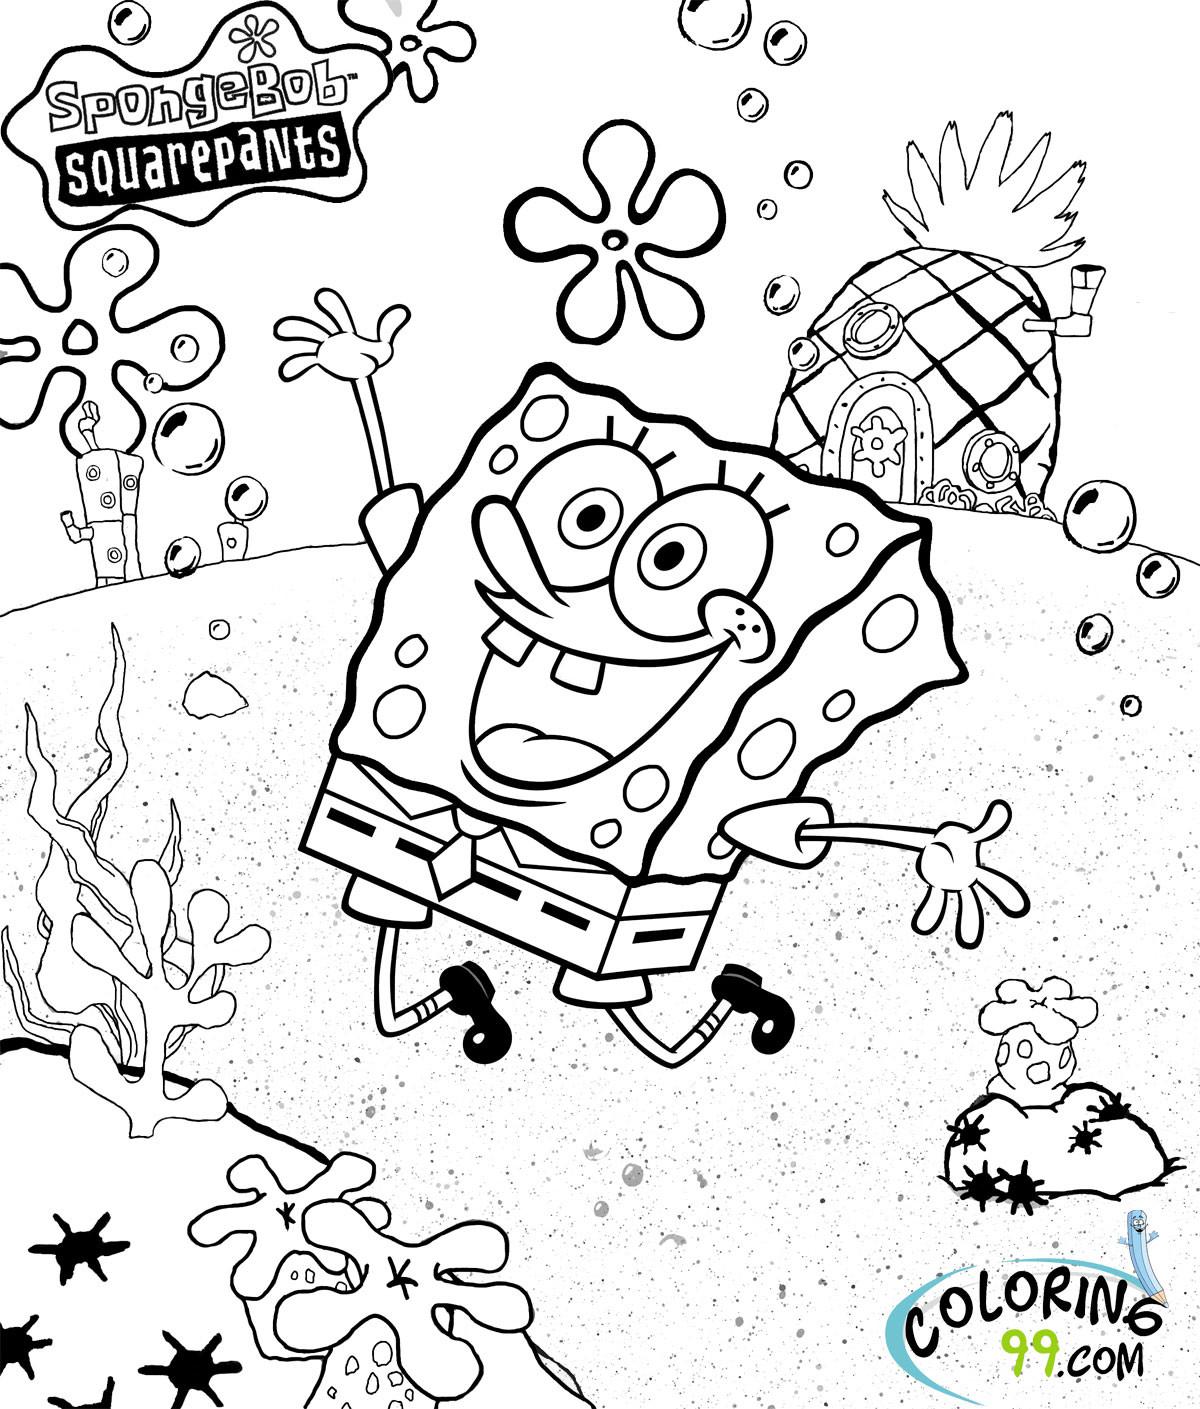 Spongebob Coloring Pages For Kids  Spongebob Squarepants Coloring Pages